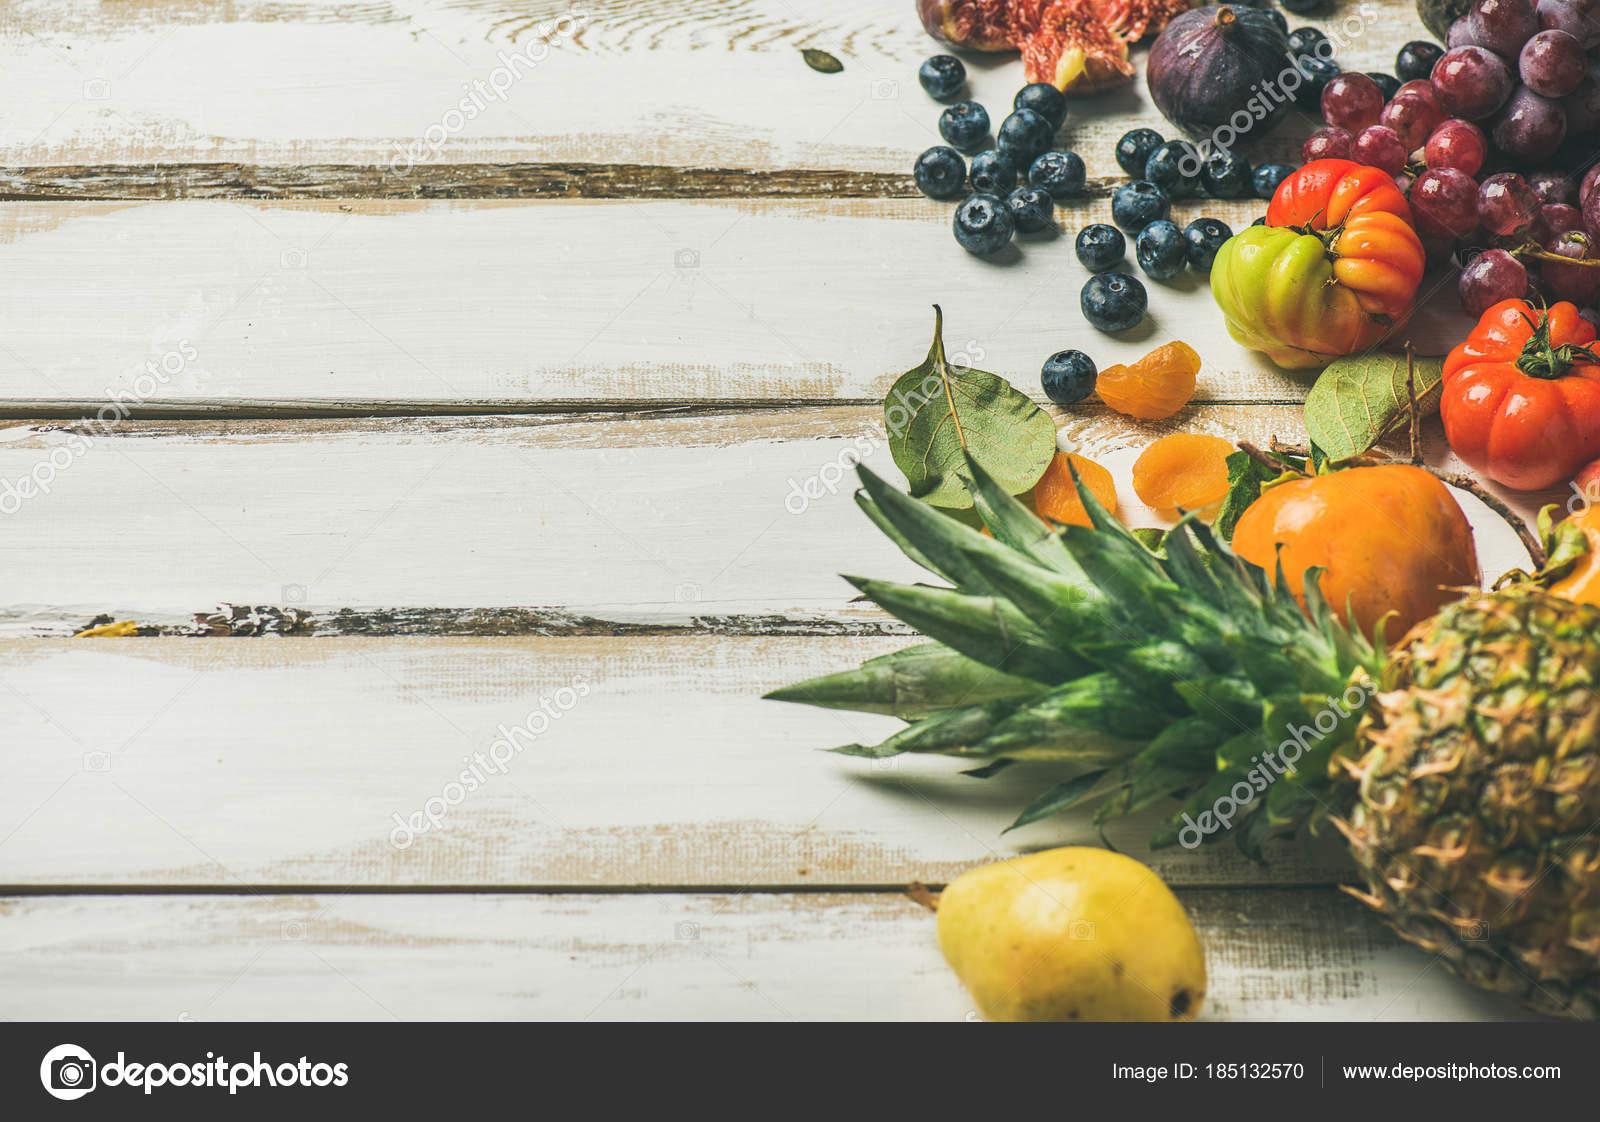 jahrem roh vegan essen kochen hintergrund frisches obst gem se gr ne stockfoto sonyakamoz. Black Bedroom Furniture Sets. Home Design Ideas